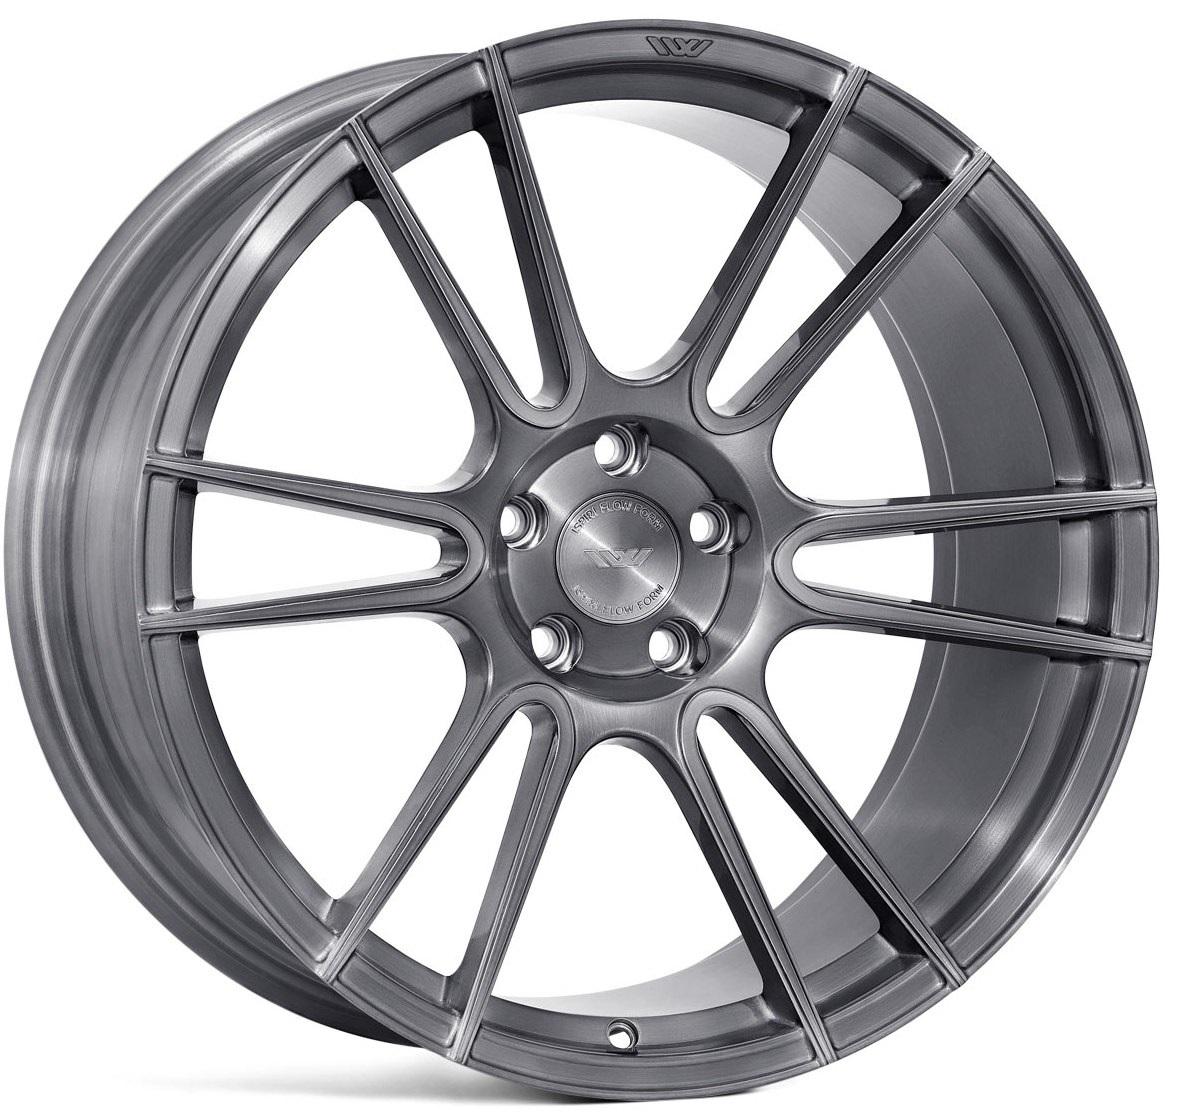 IW Automotive - FFR7 (Full Brushed Carbon Titanium)